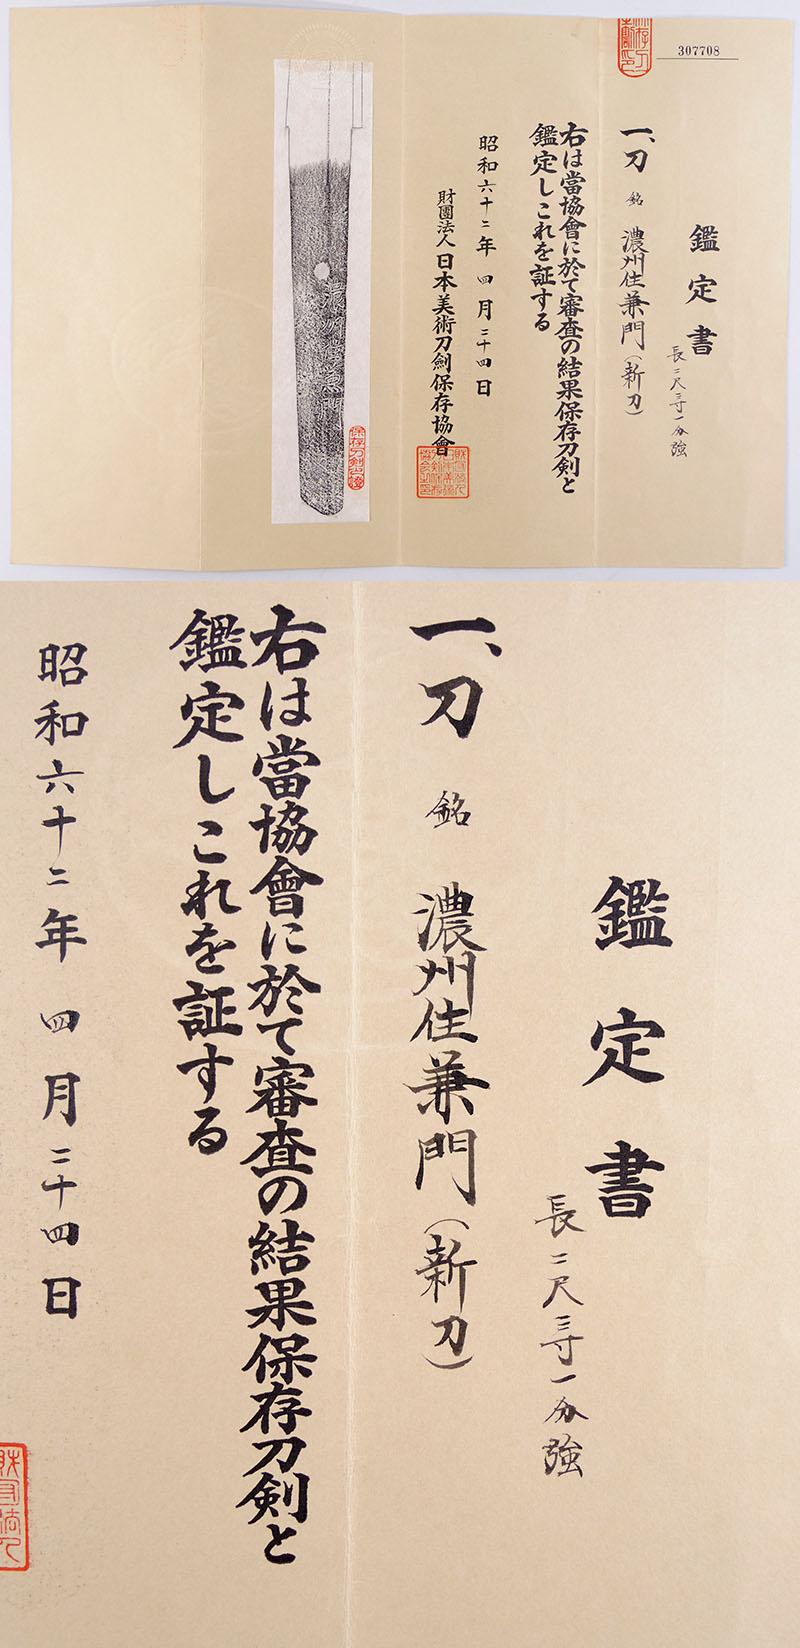 濃州住兼門 Picture of Certificate